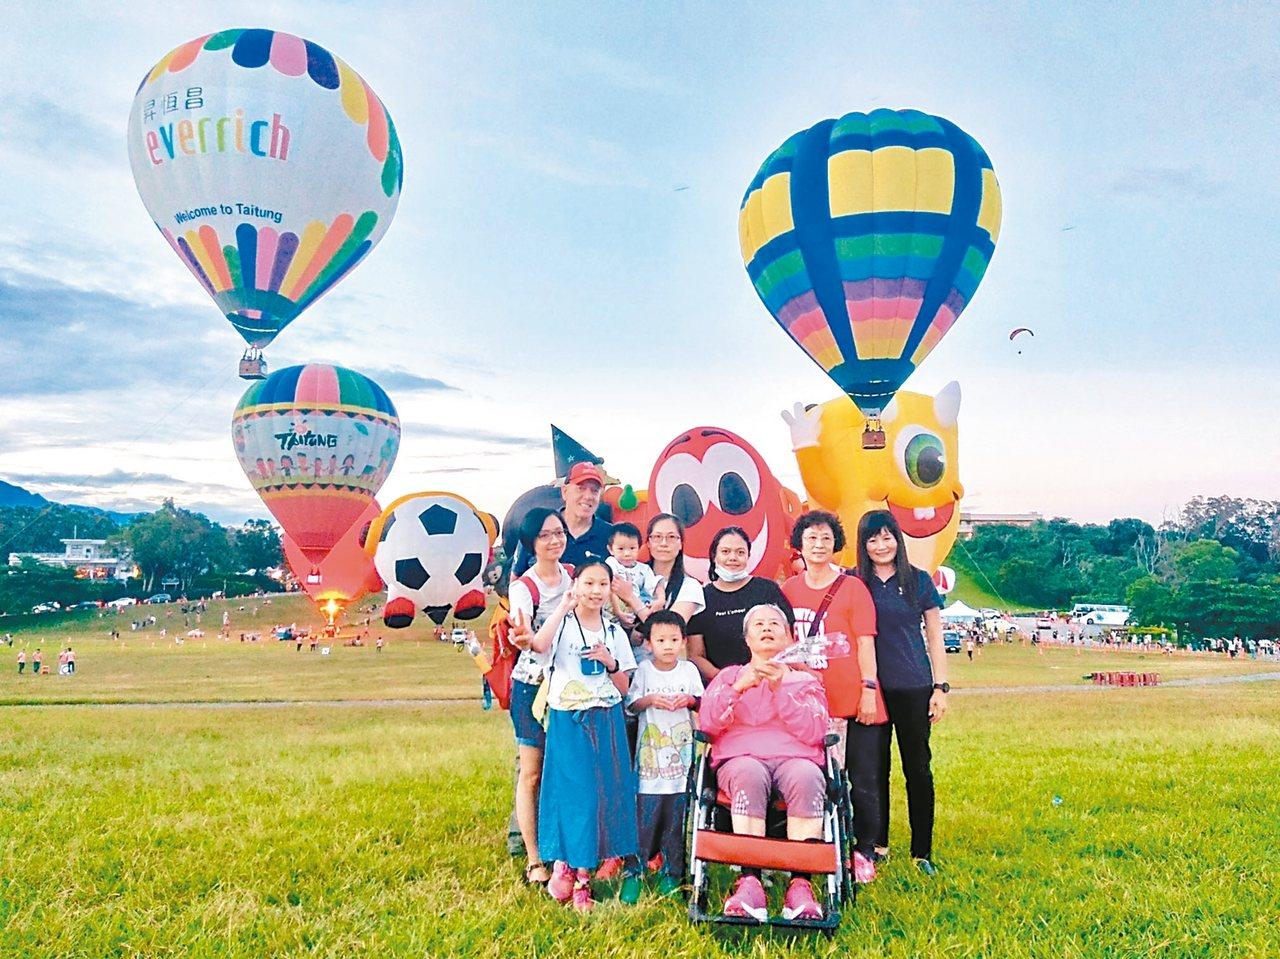 高雄市婦人朱婉怡前天偕罹患非典型帕金森氏症、逐漸失憶的母親,同遊台東熱氣球活動。...